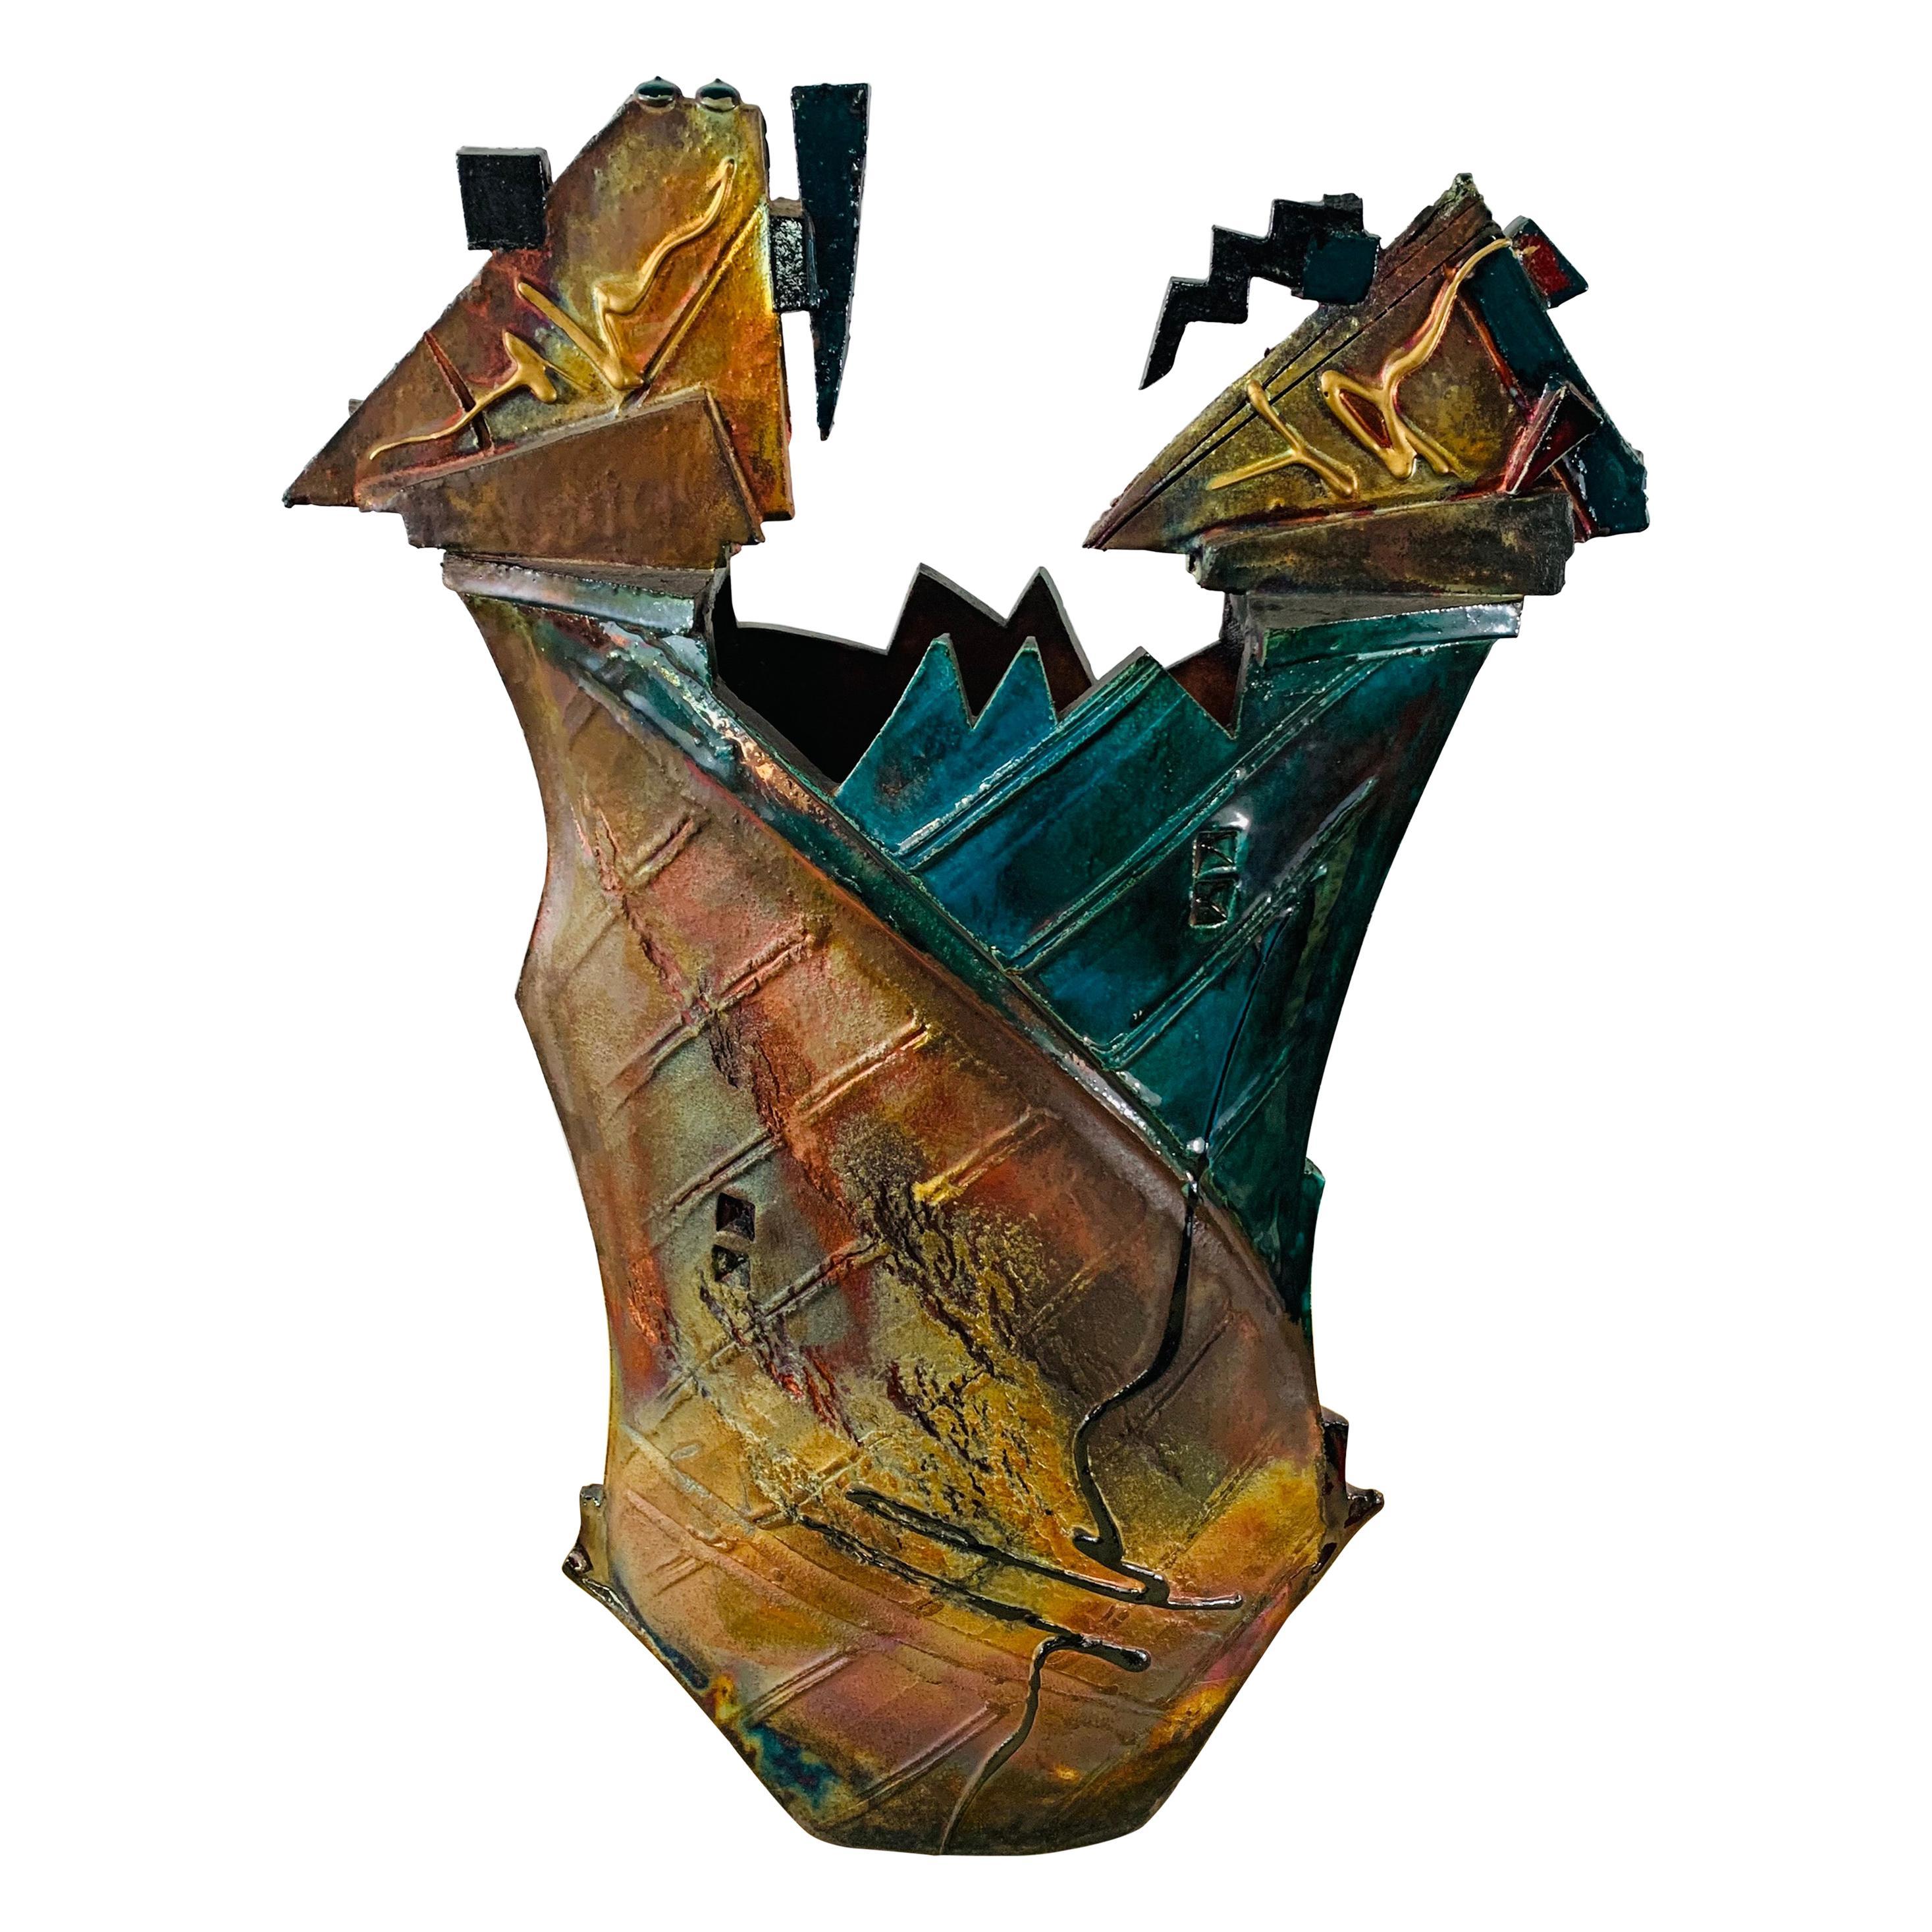 Brutalist Glazed Pottery Vase or Sculpture